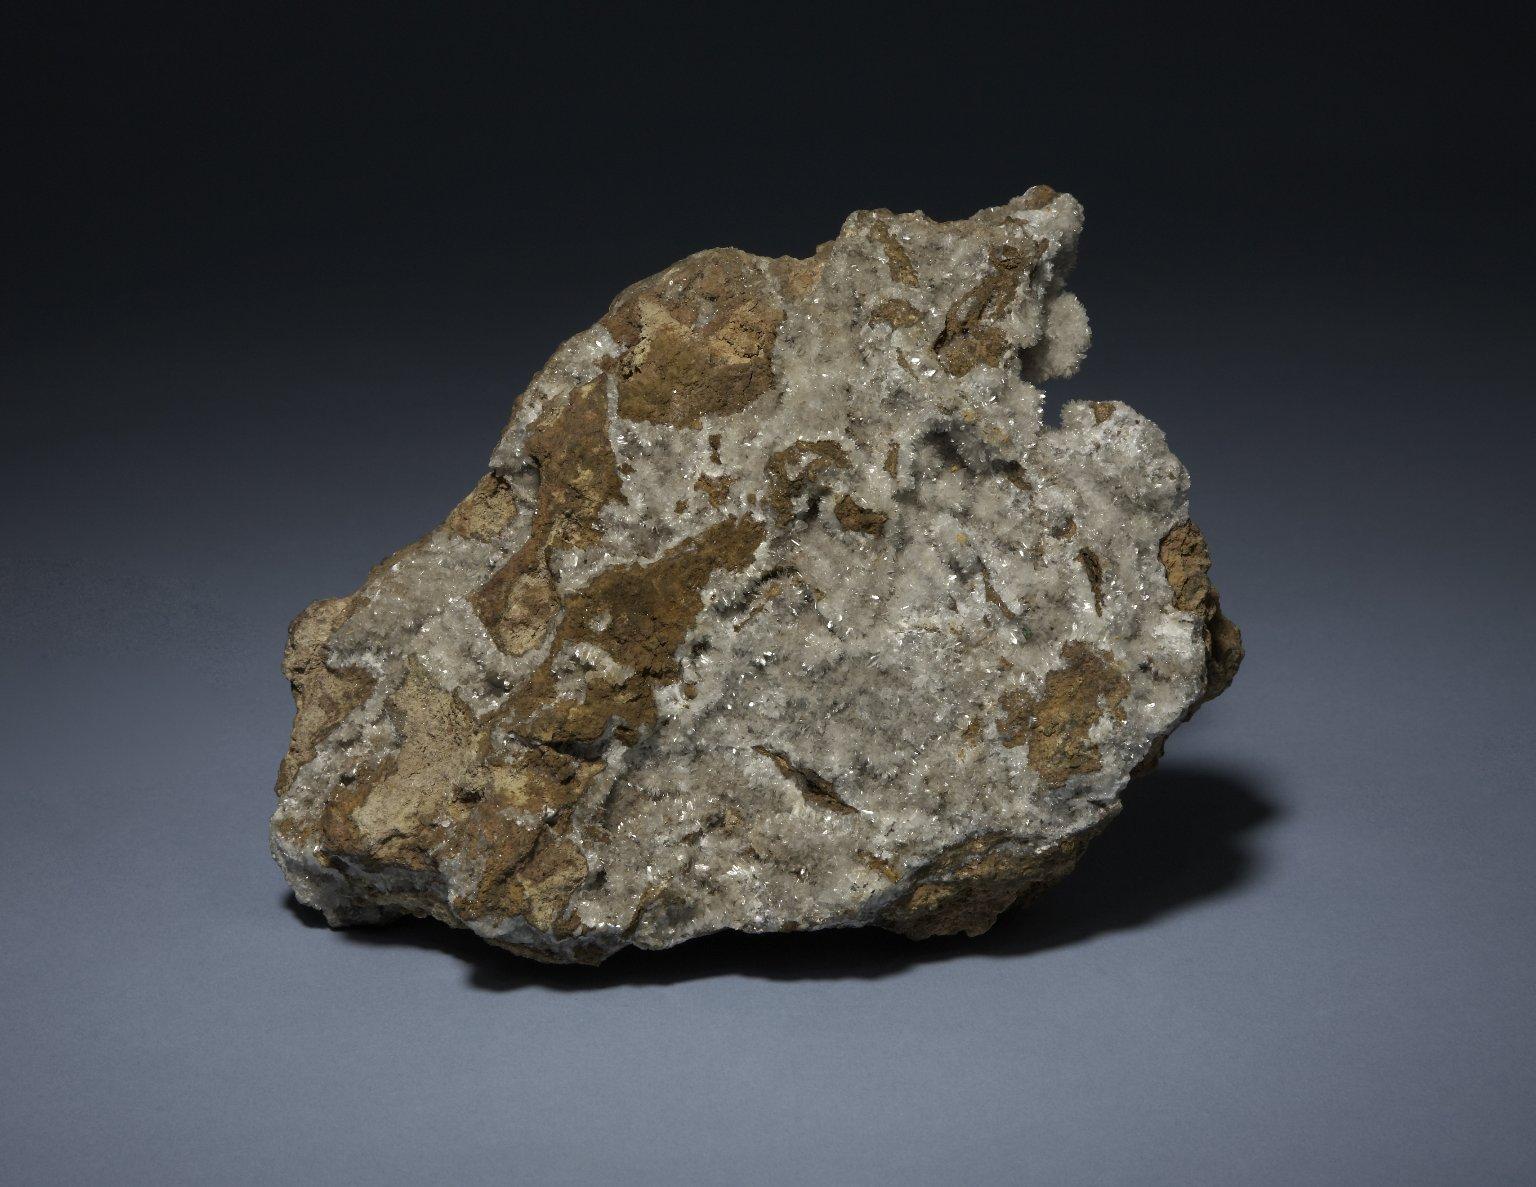 Hemimorphite and Calcite